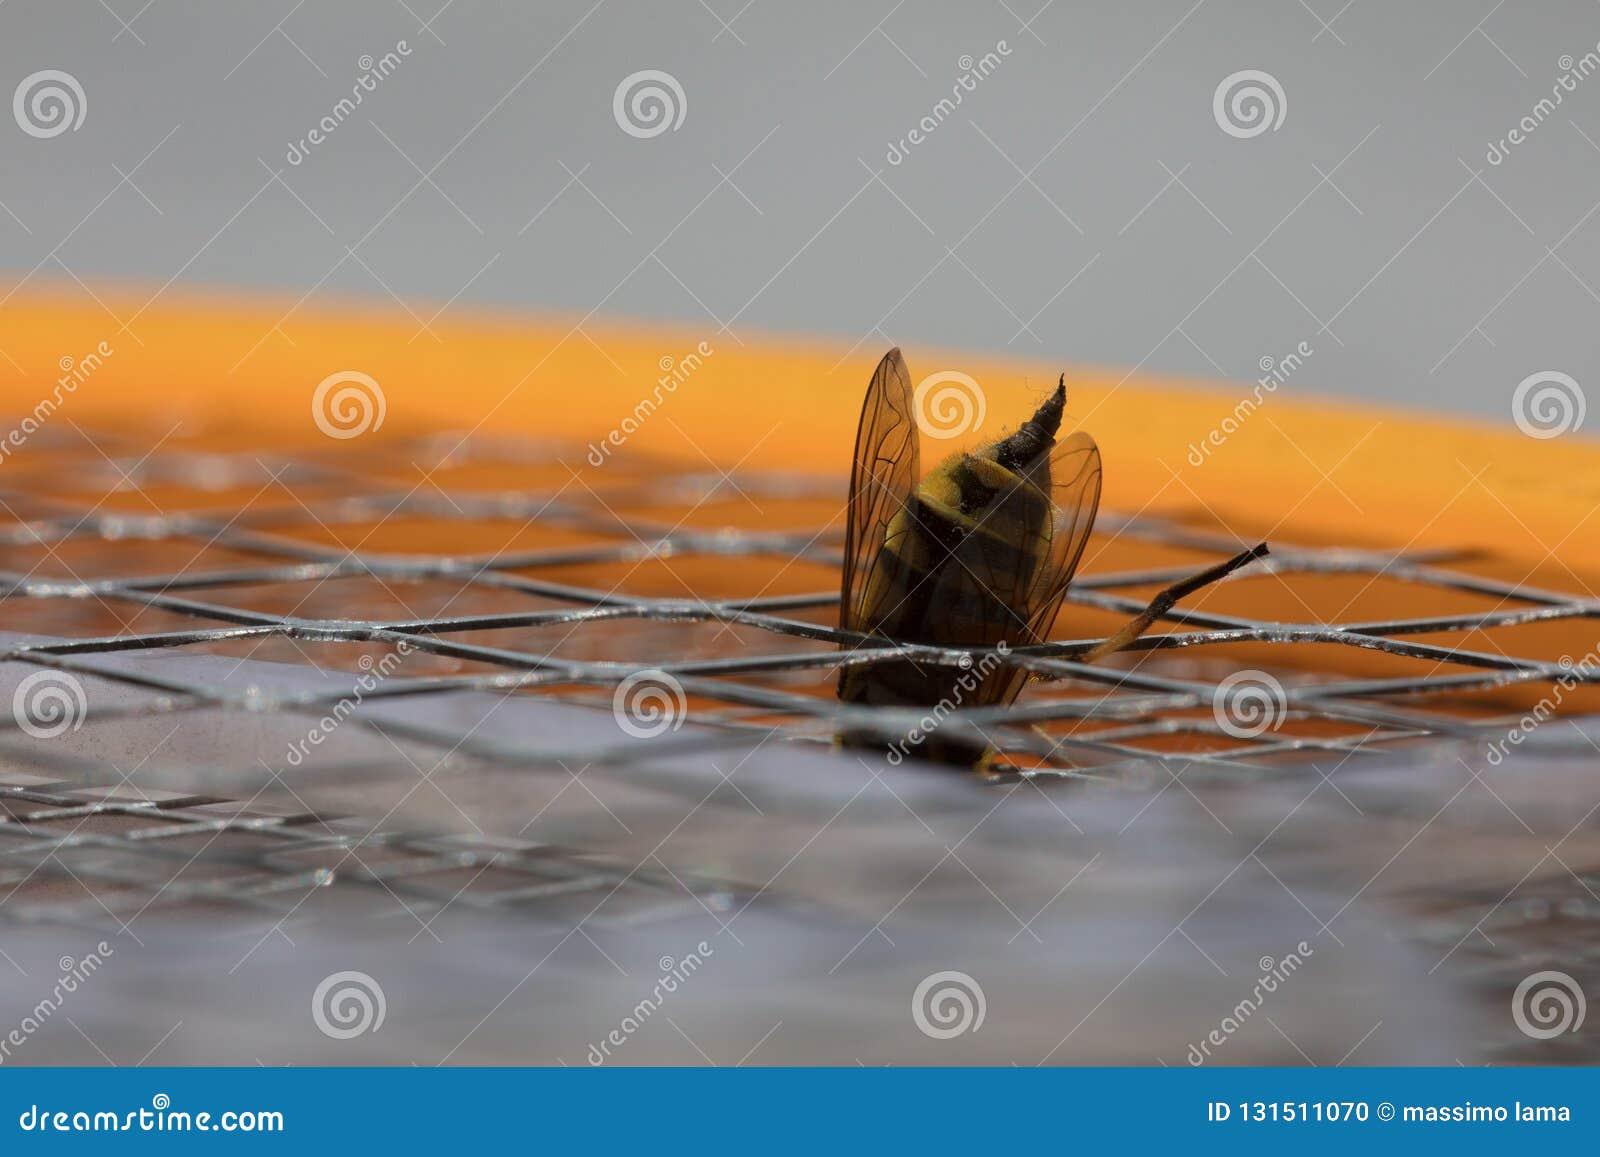 Detalle de una picadura de abeja